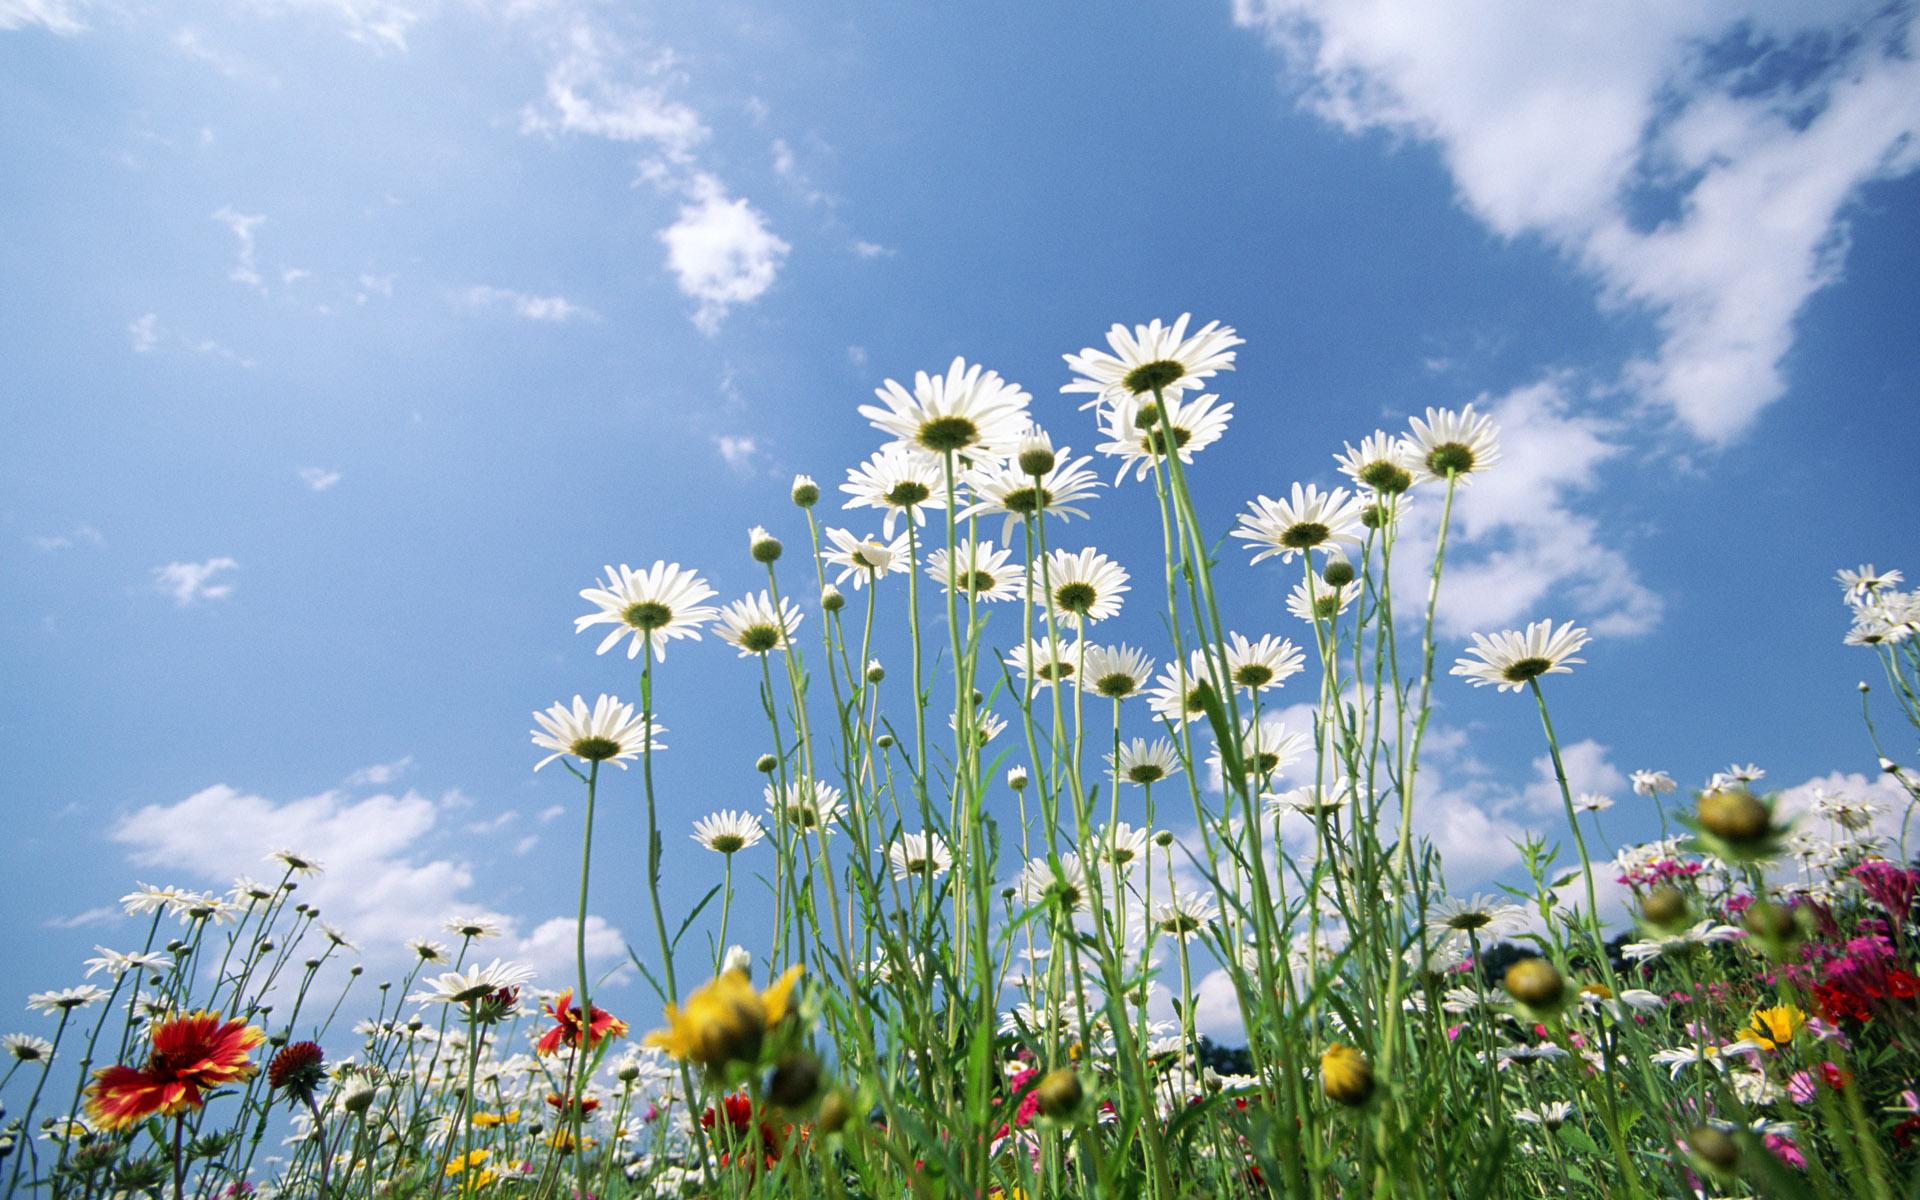 Flowers Sky wallpaper   674241 1920x1200